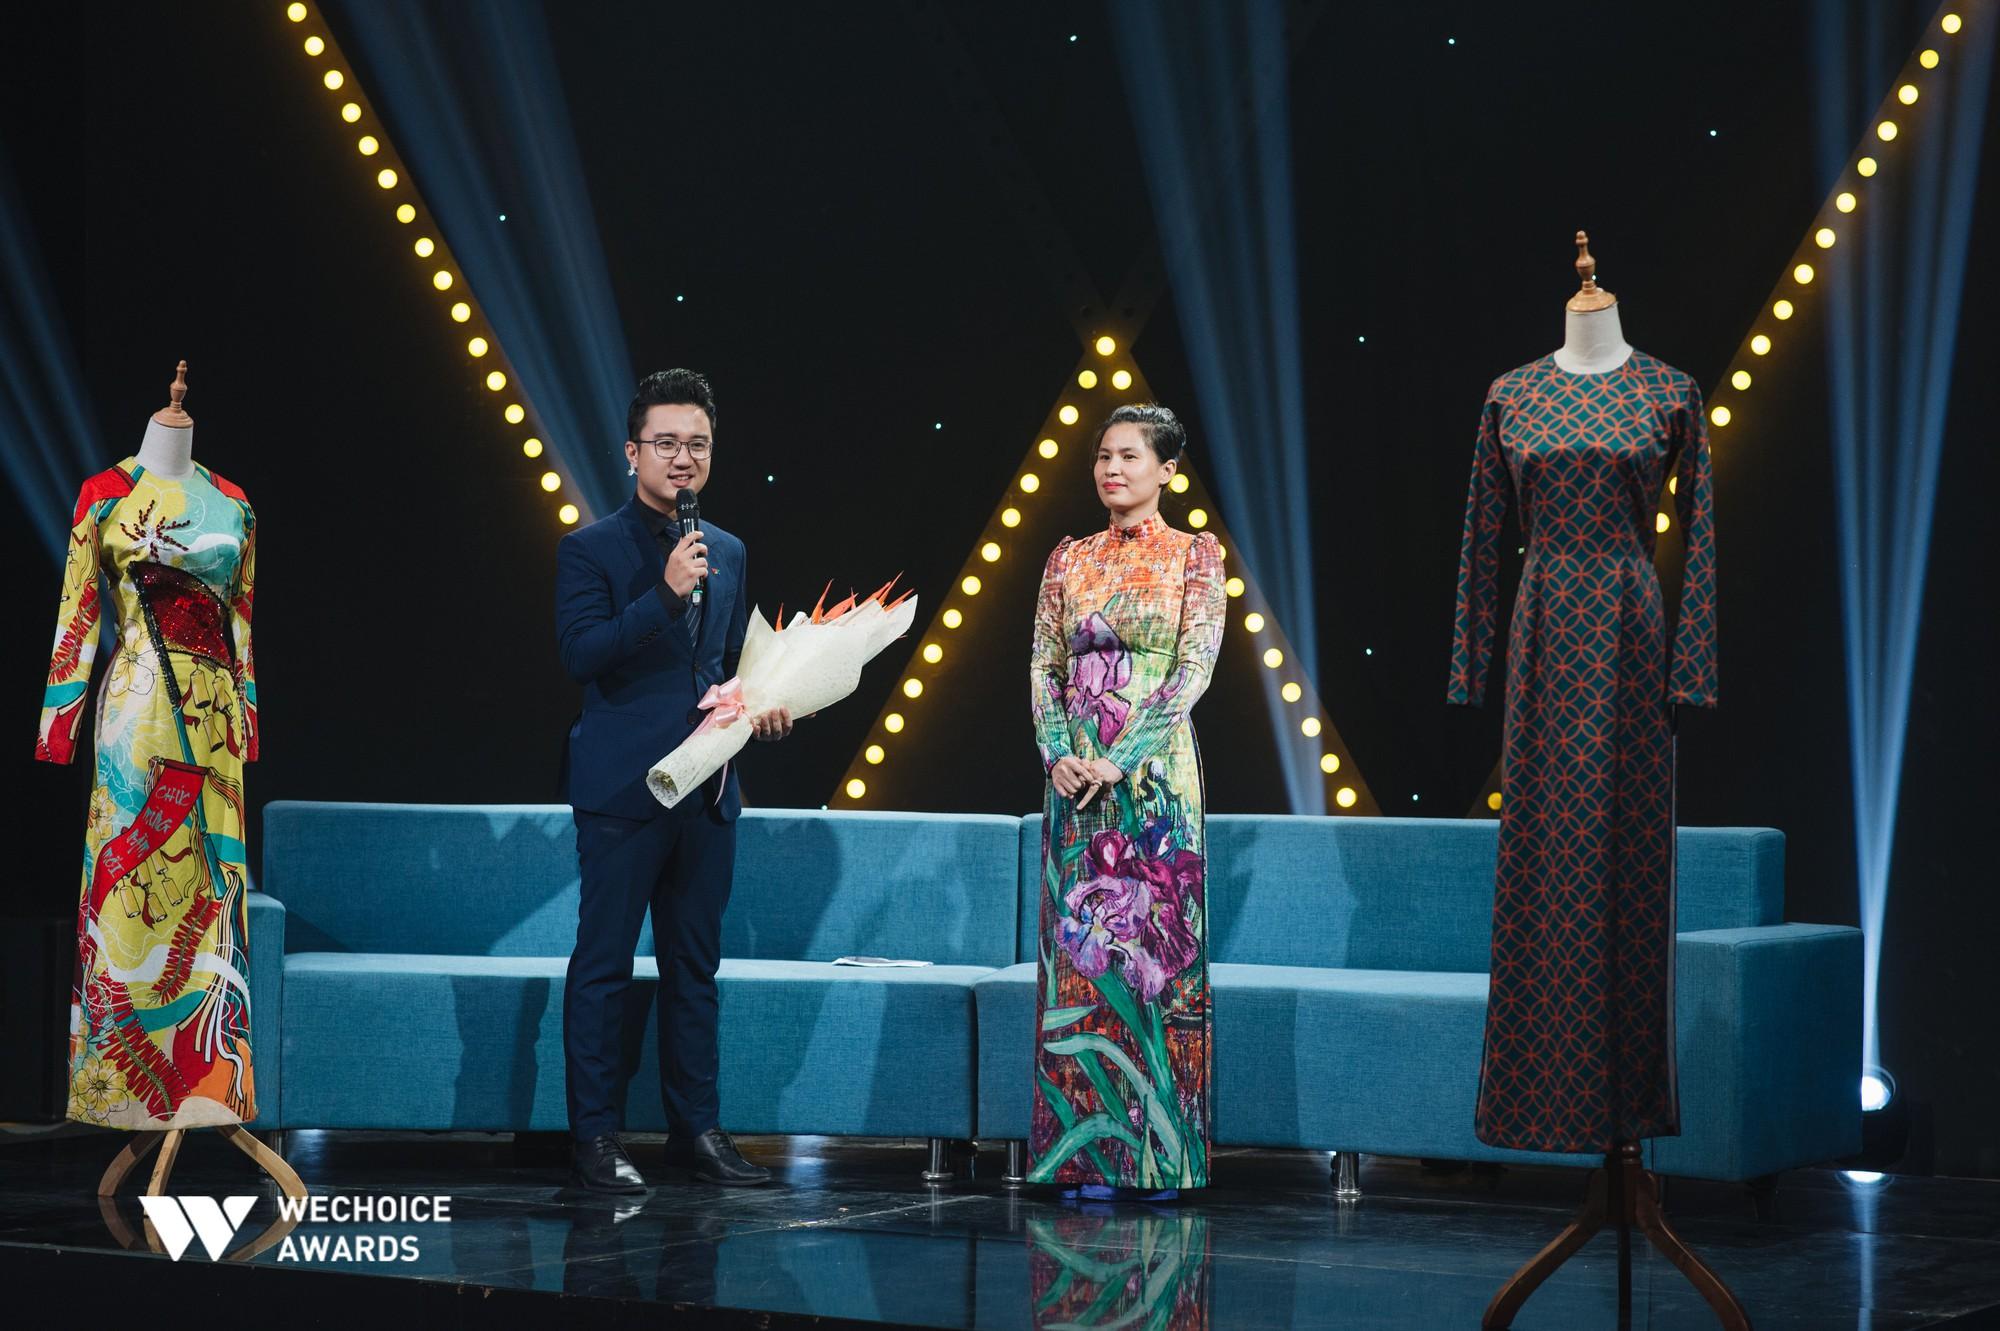 WeChoice Awards: Hành trình truyền cảm hứng của những người phụ nữ - Ảnh 5.